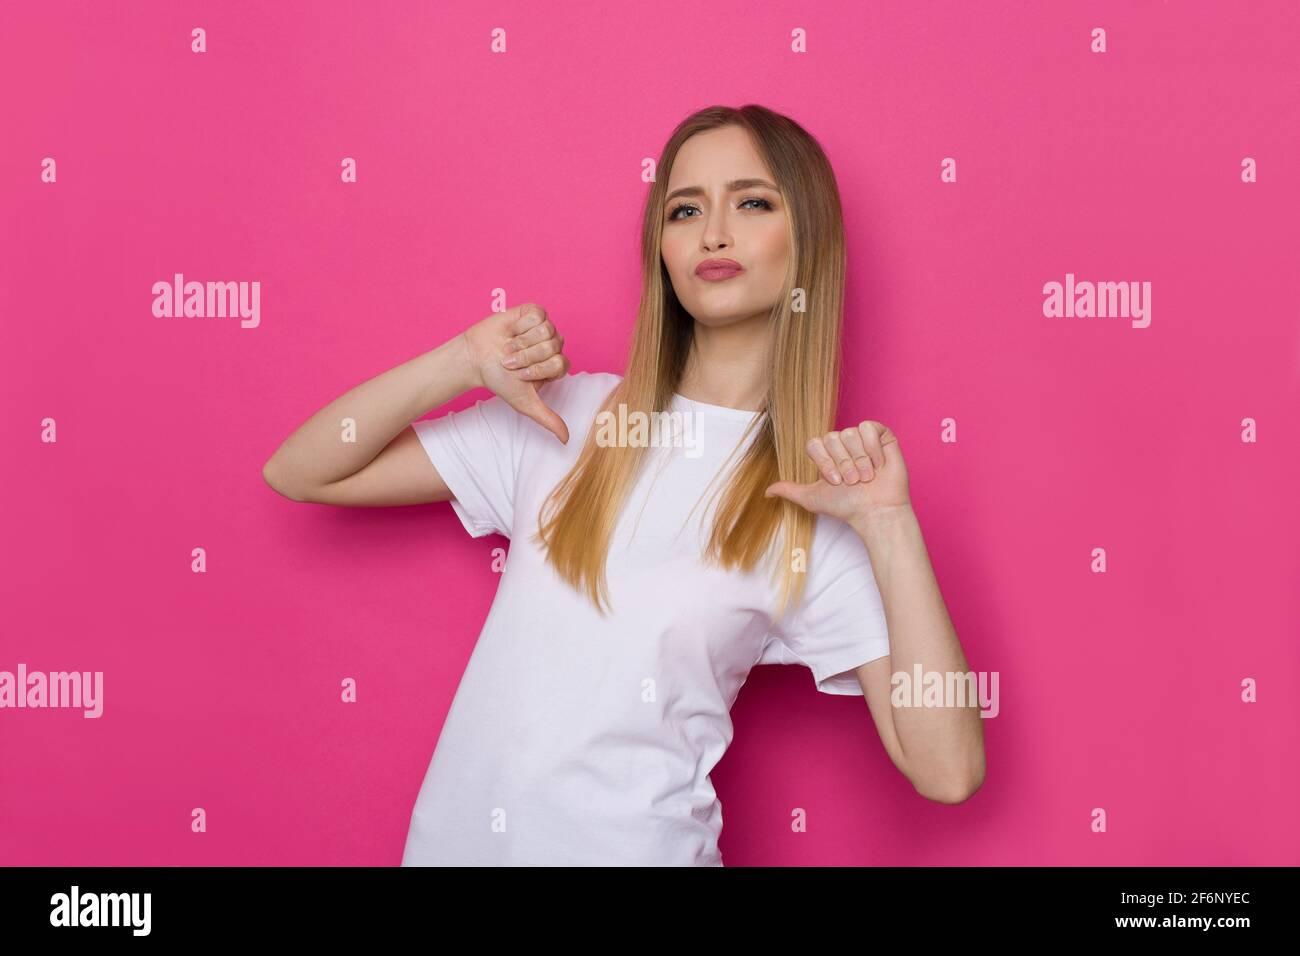 Une jeune femme confiante en chemise blanche se pointe vers elle avec les pouces. Taille haute studio tourné sur fond rose. Banque D'Images